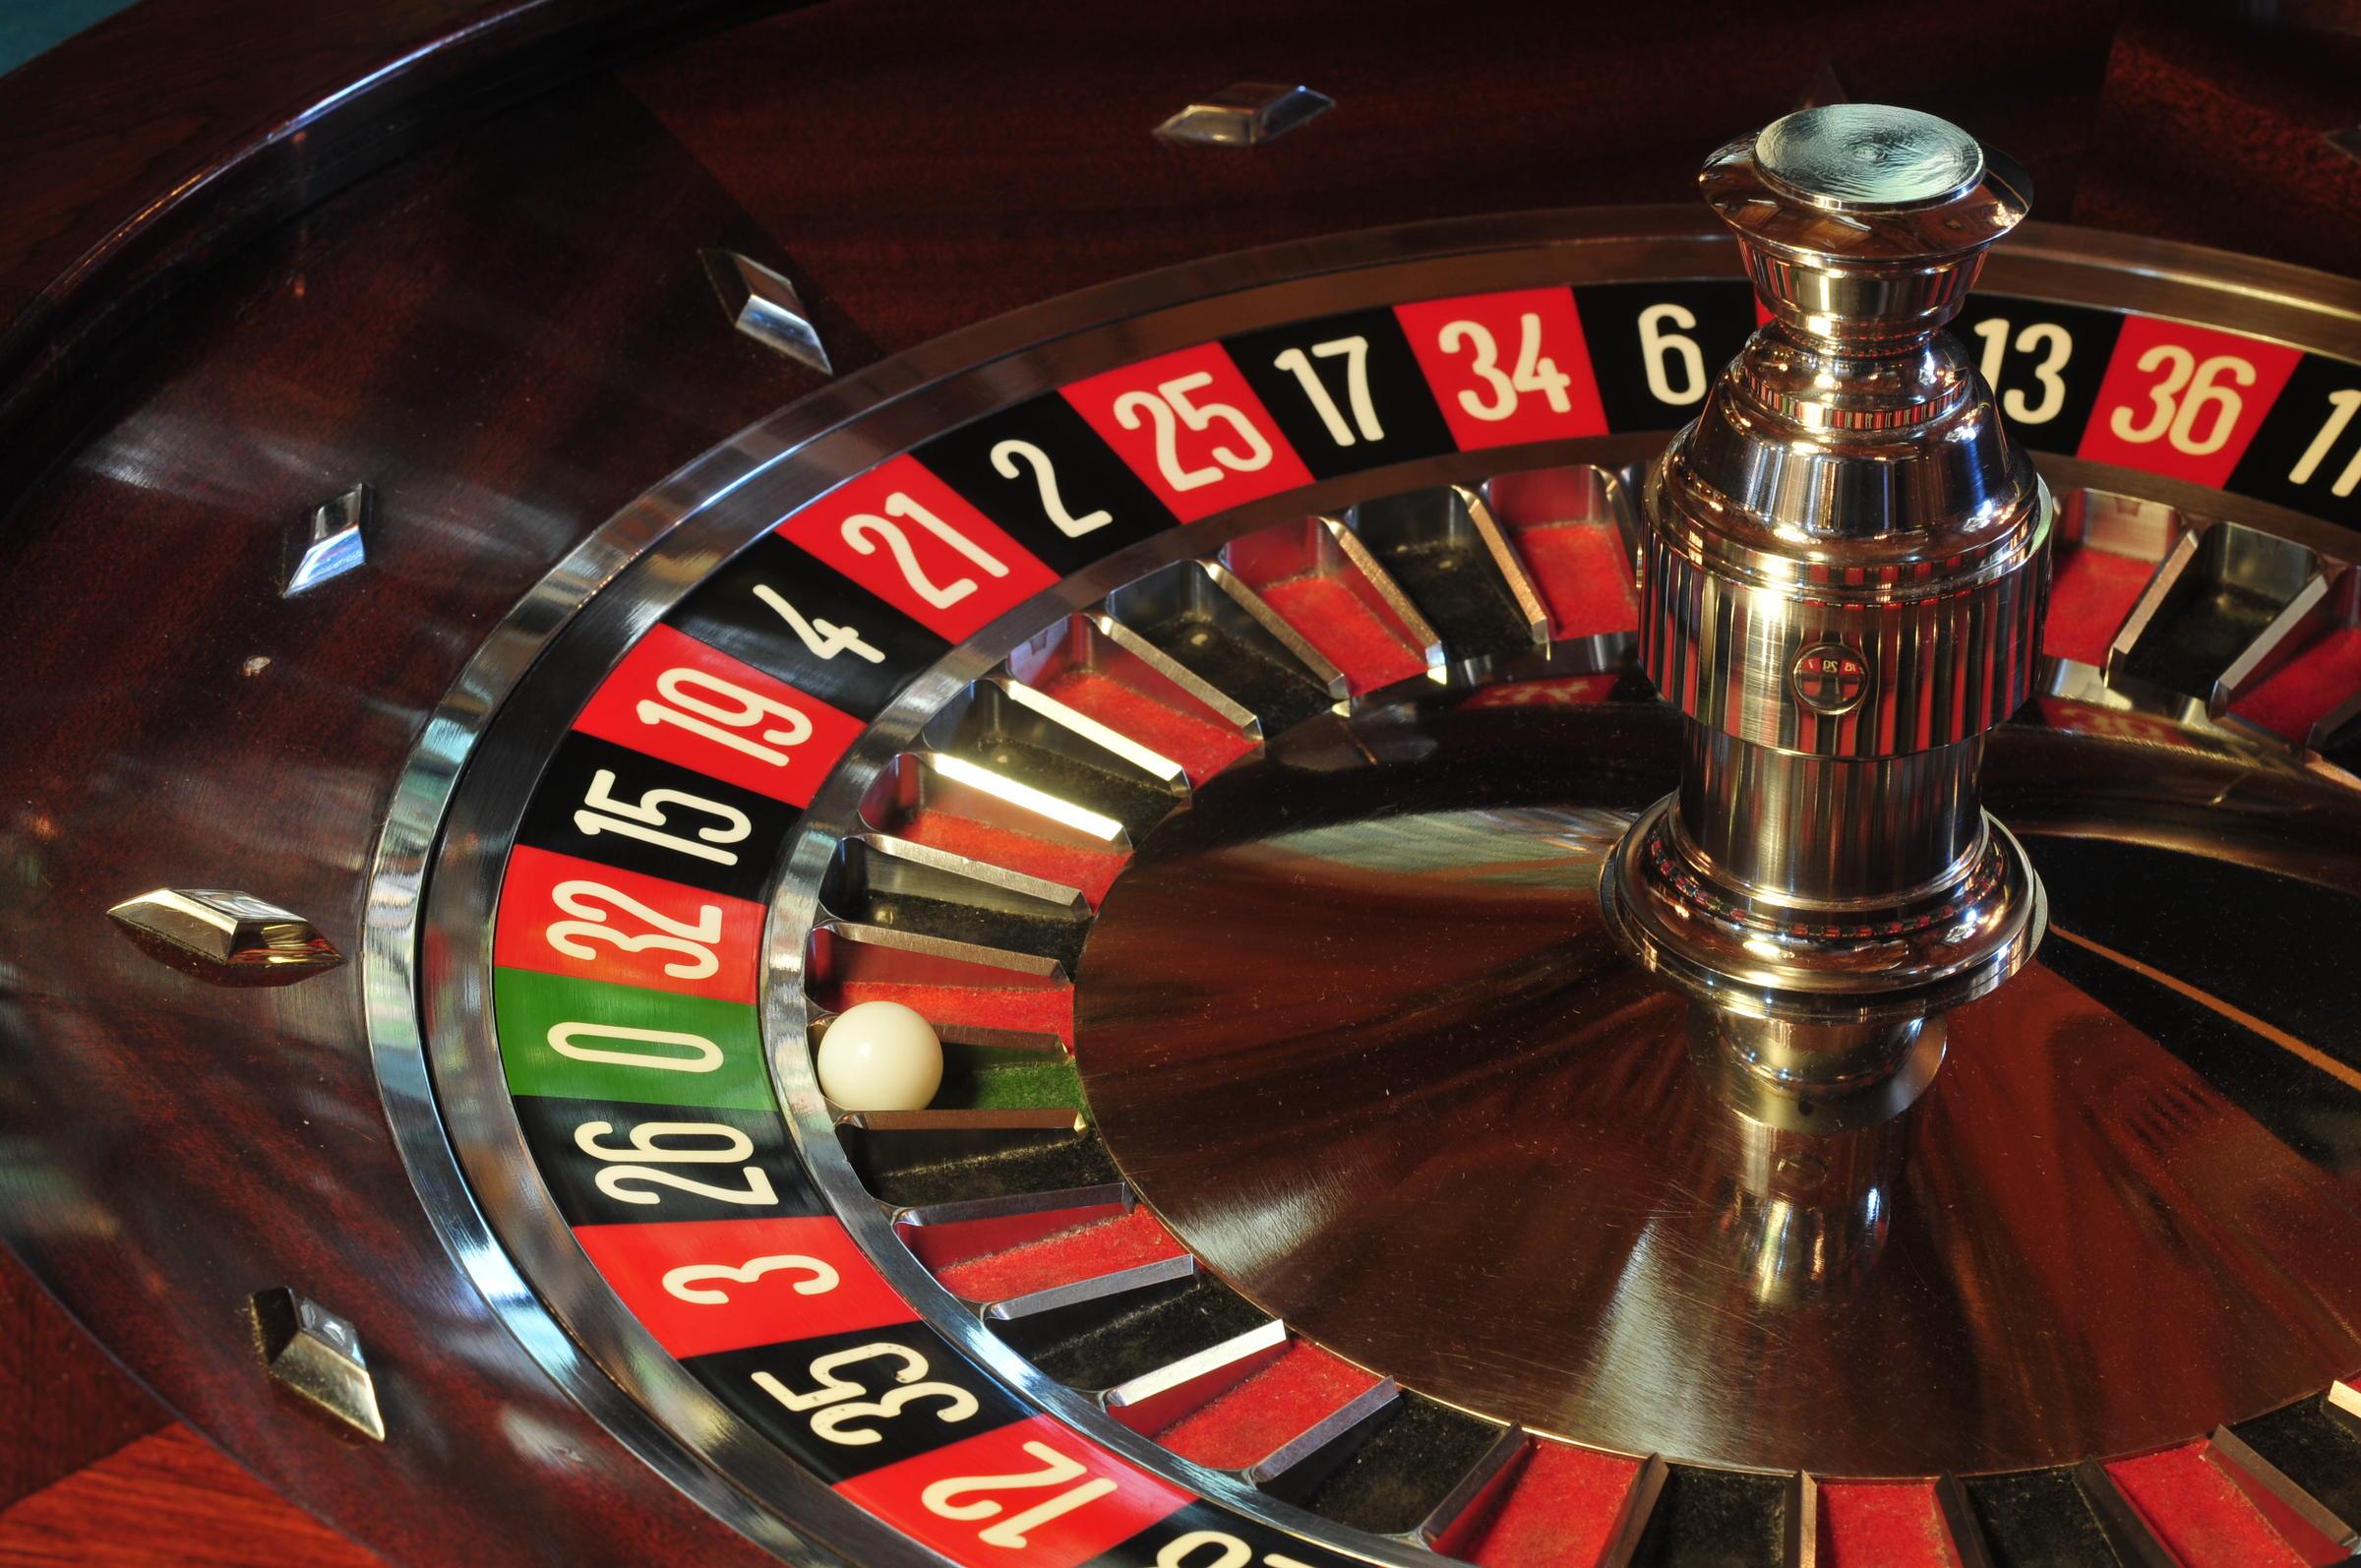 Casino wikipedia casino report gambling winnings